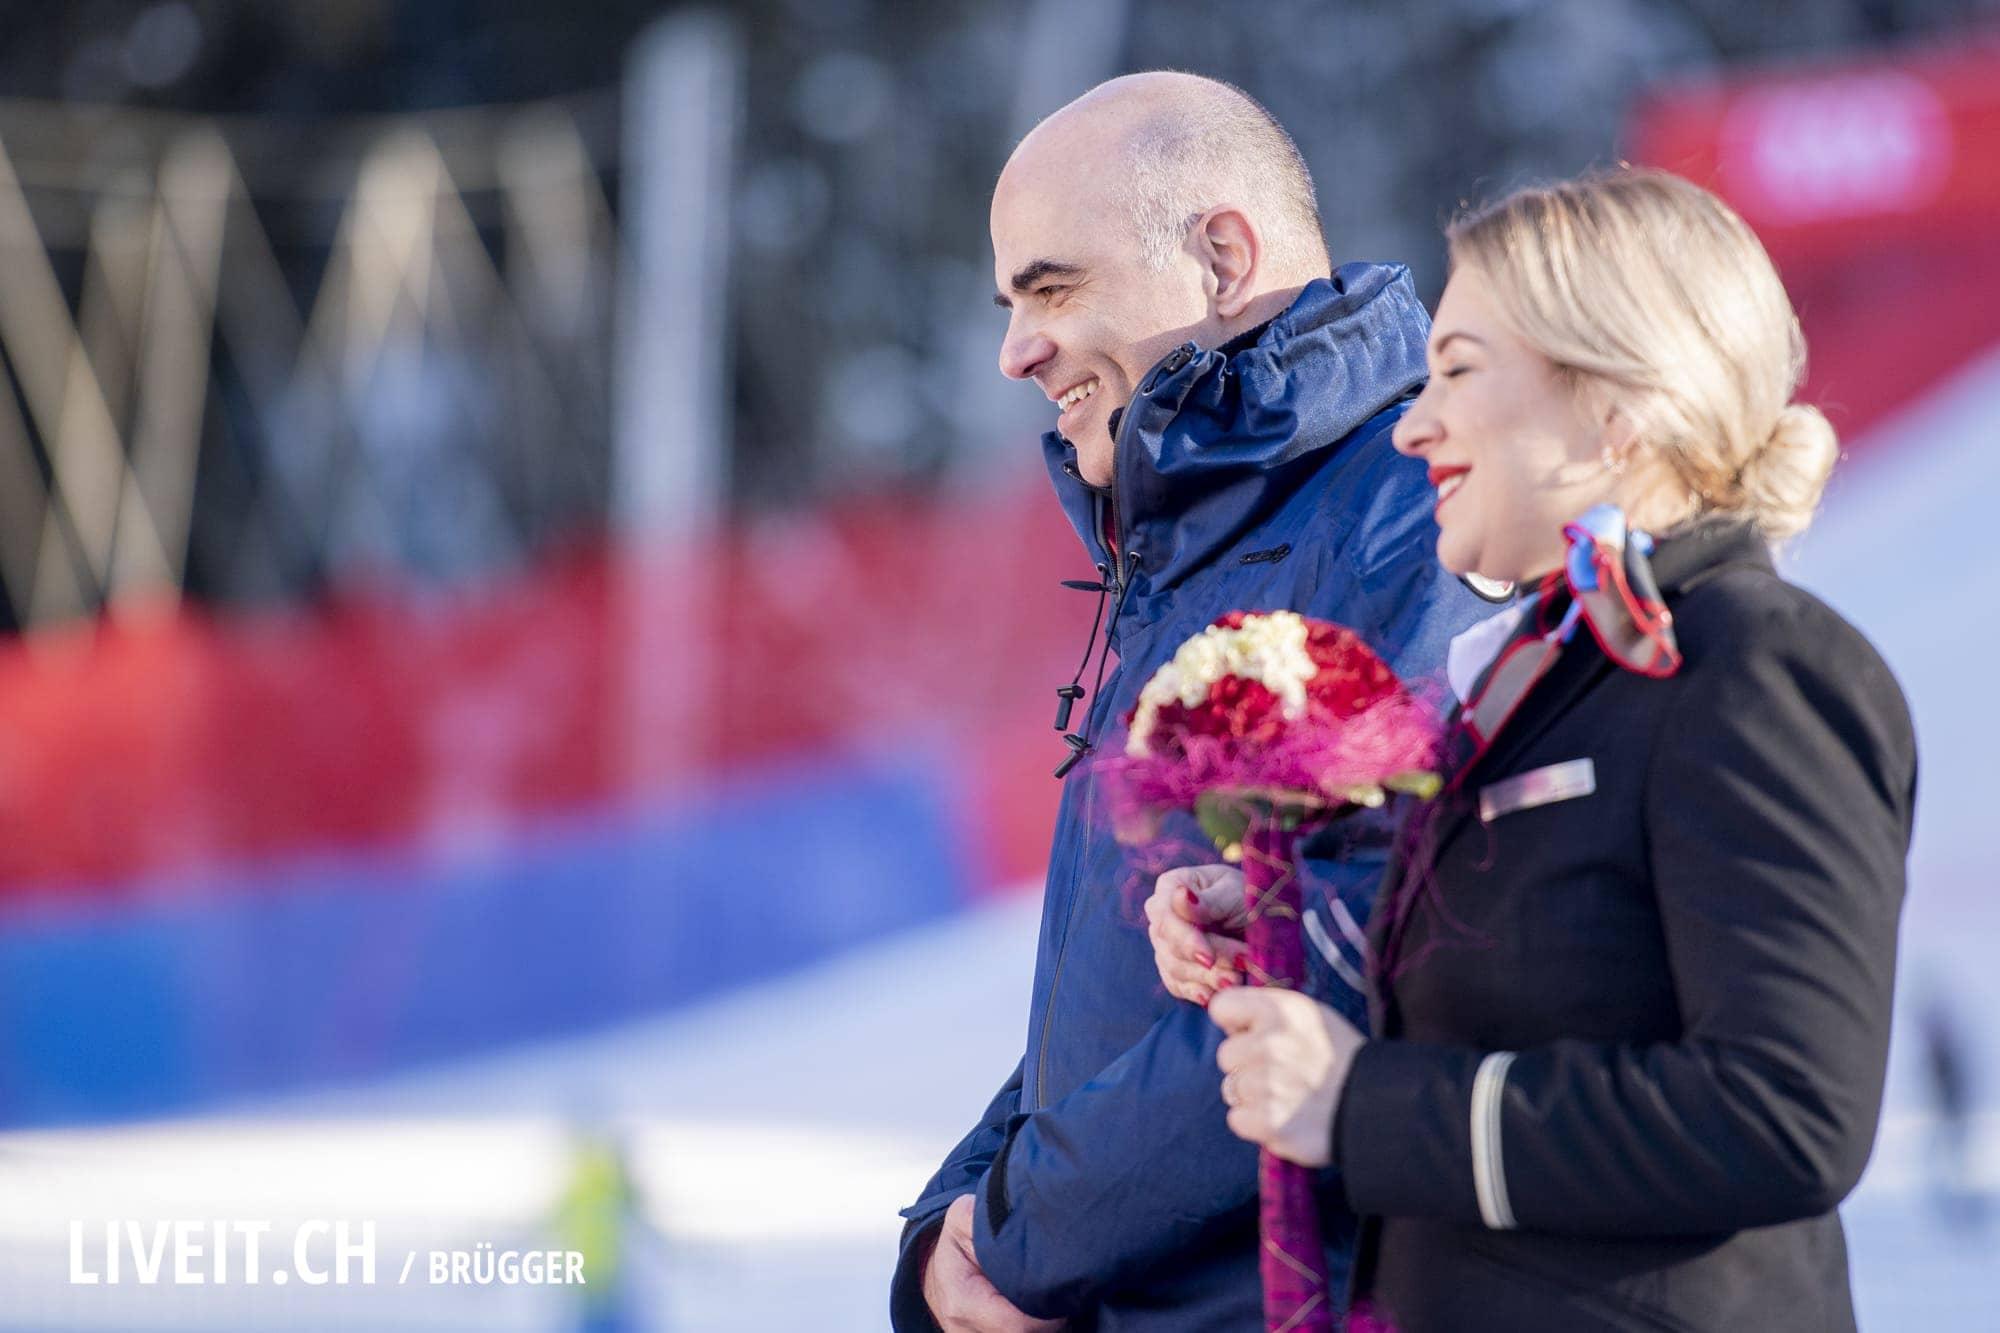 Bundesrat Alain Berset fotografiert am Samstag, 19. Januar 2019 am Lauberhornrennen in der Disziplin: Abfahrt. (Fotografiert von Dominic Bruegger liveit.ch)